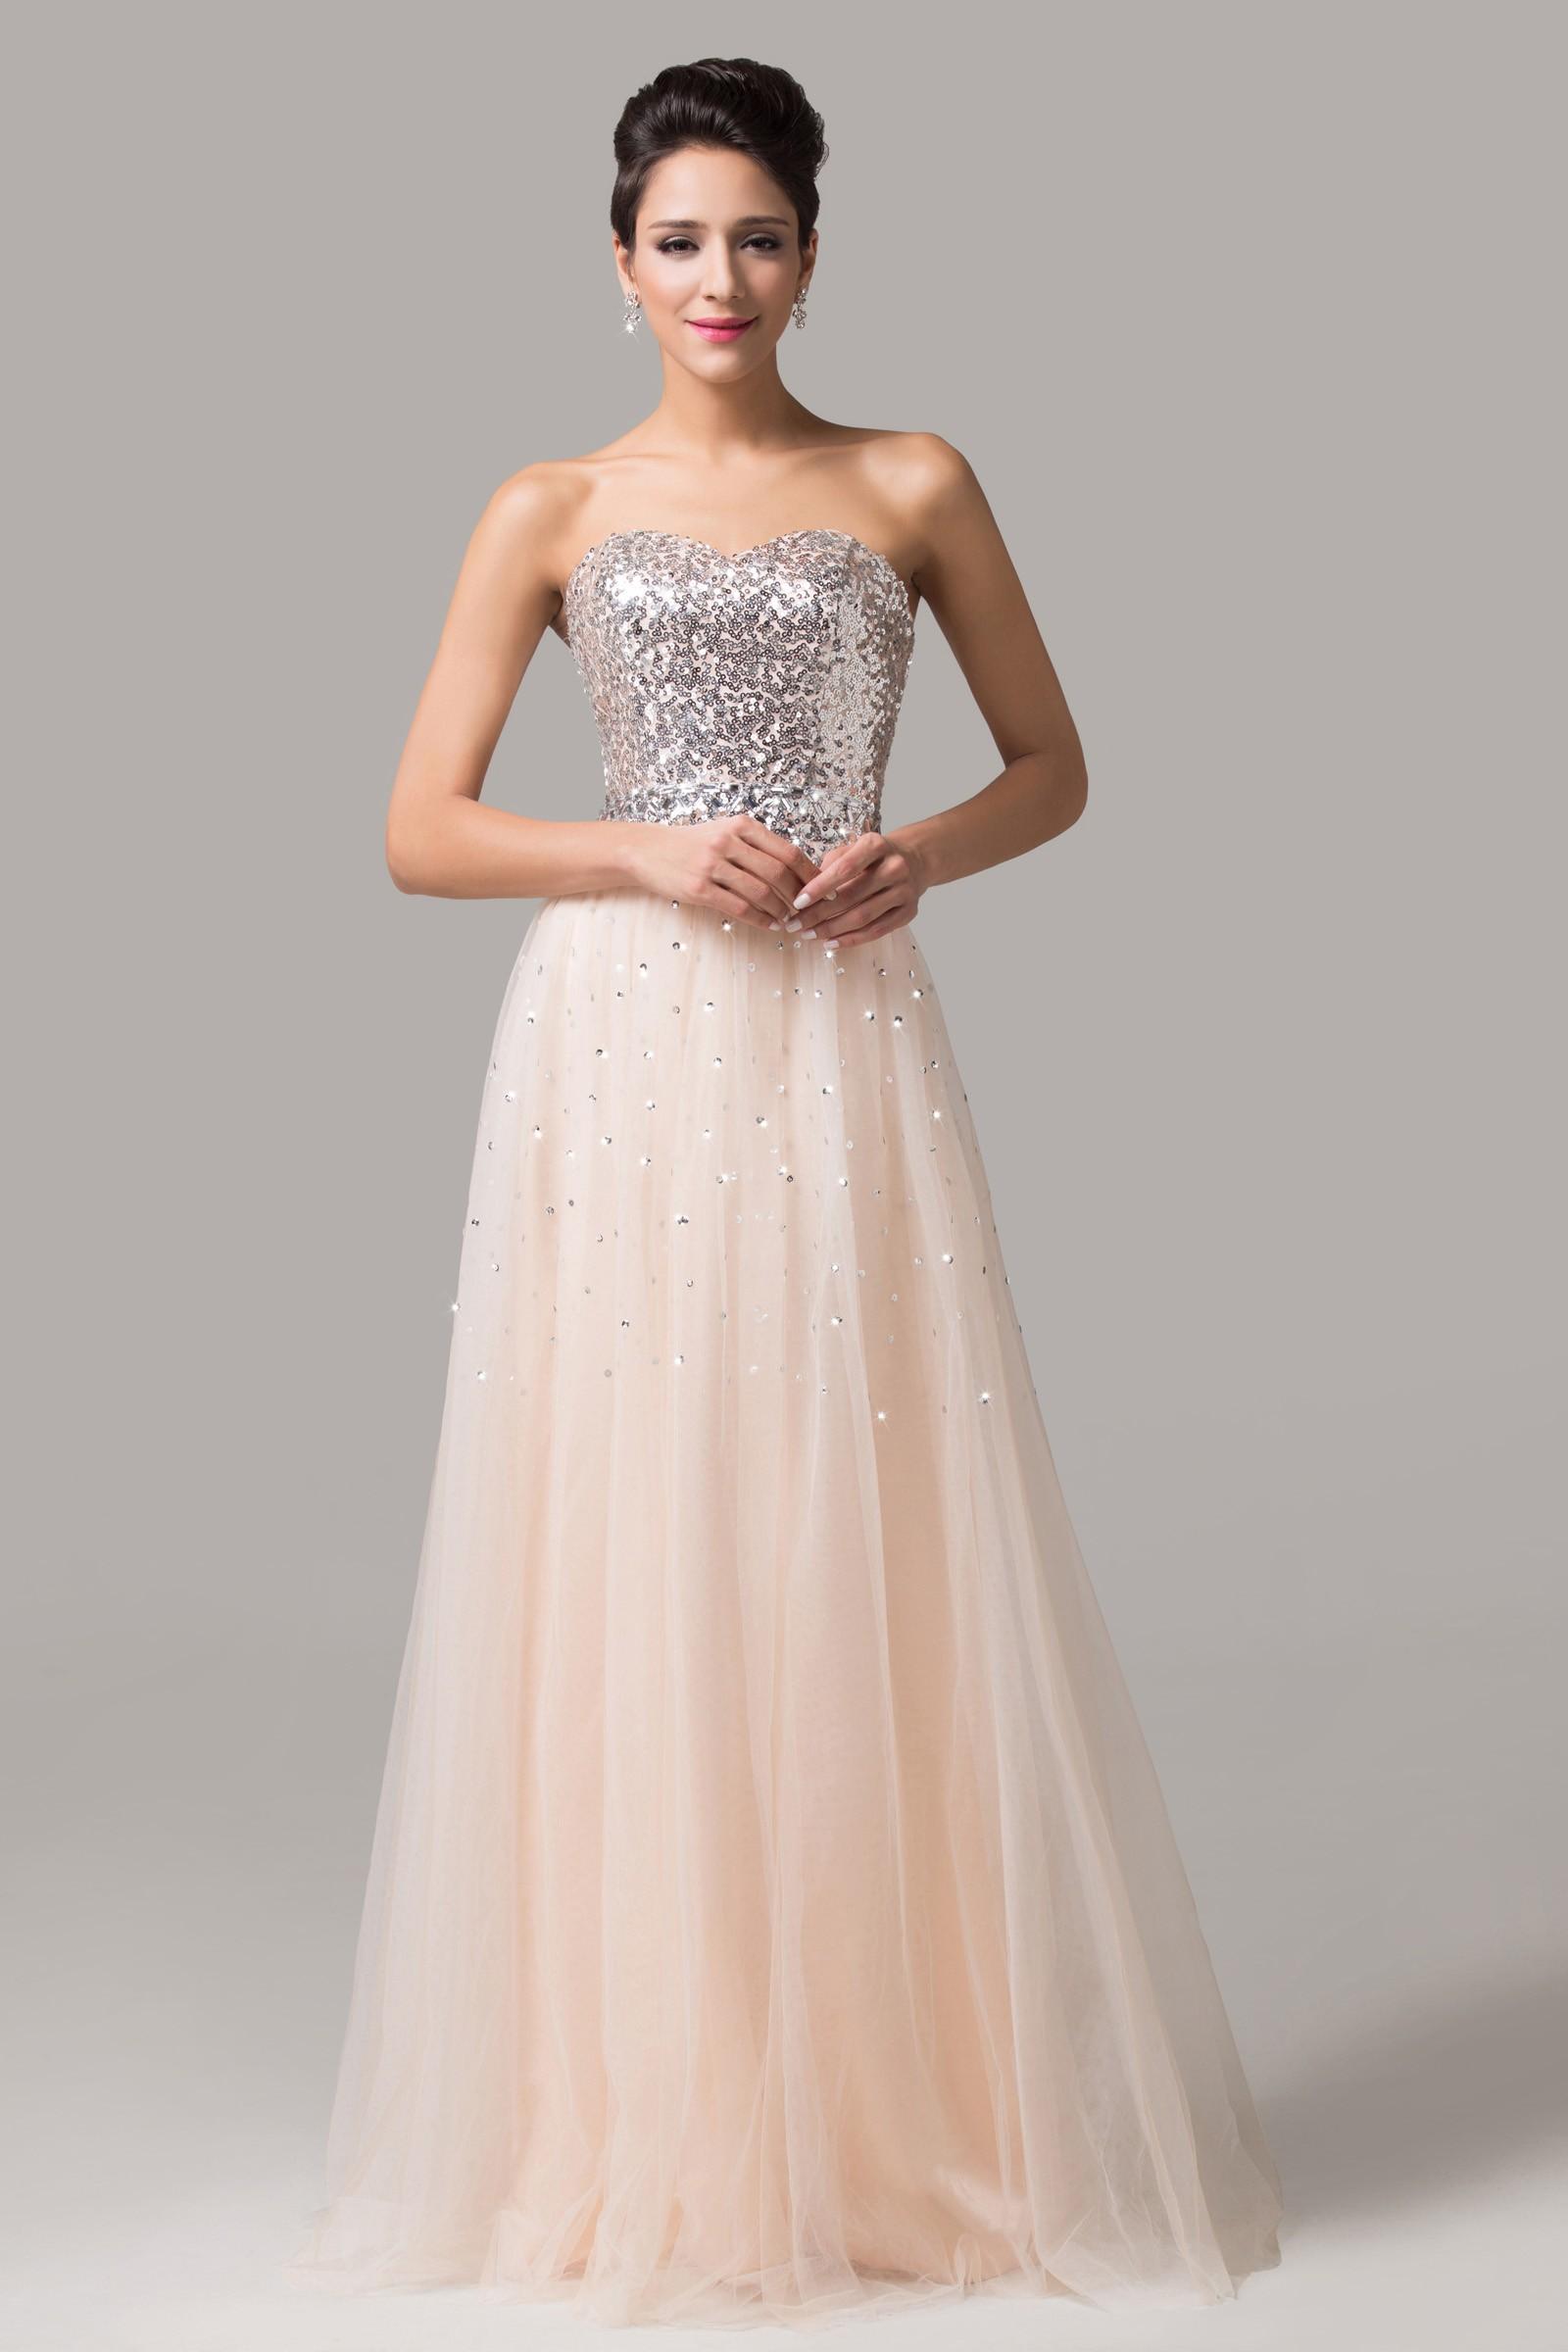 1d7874c2a champagne flitrové plesové šaty na maturitní ples - plesové šaty ...